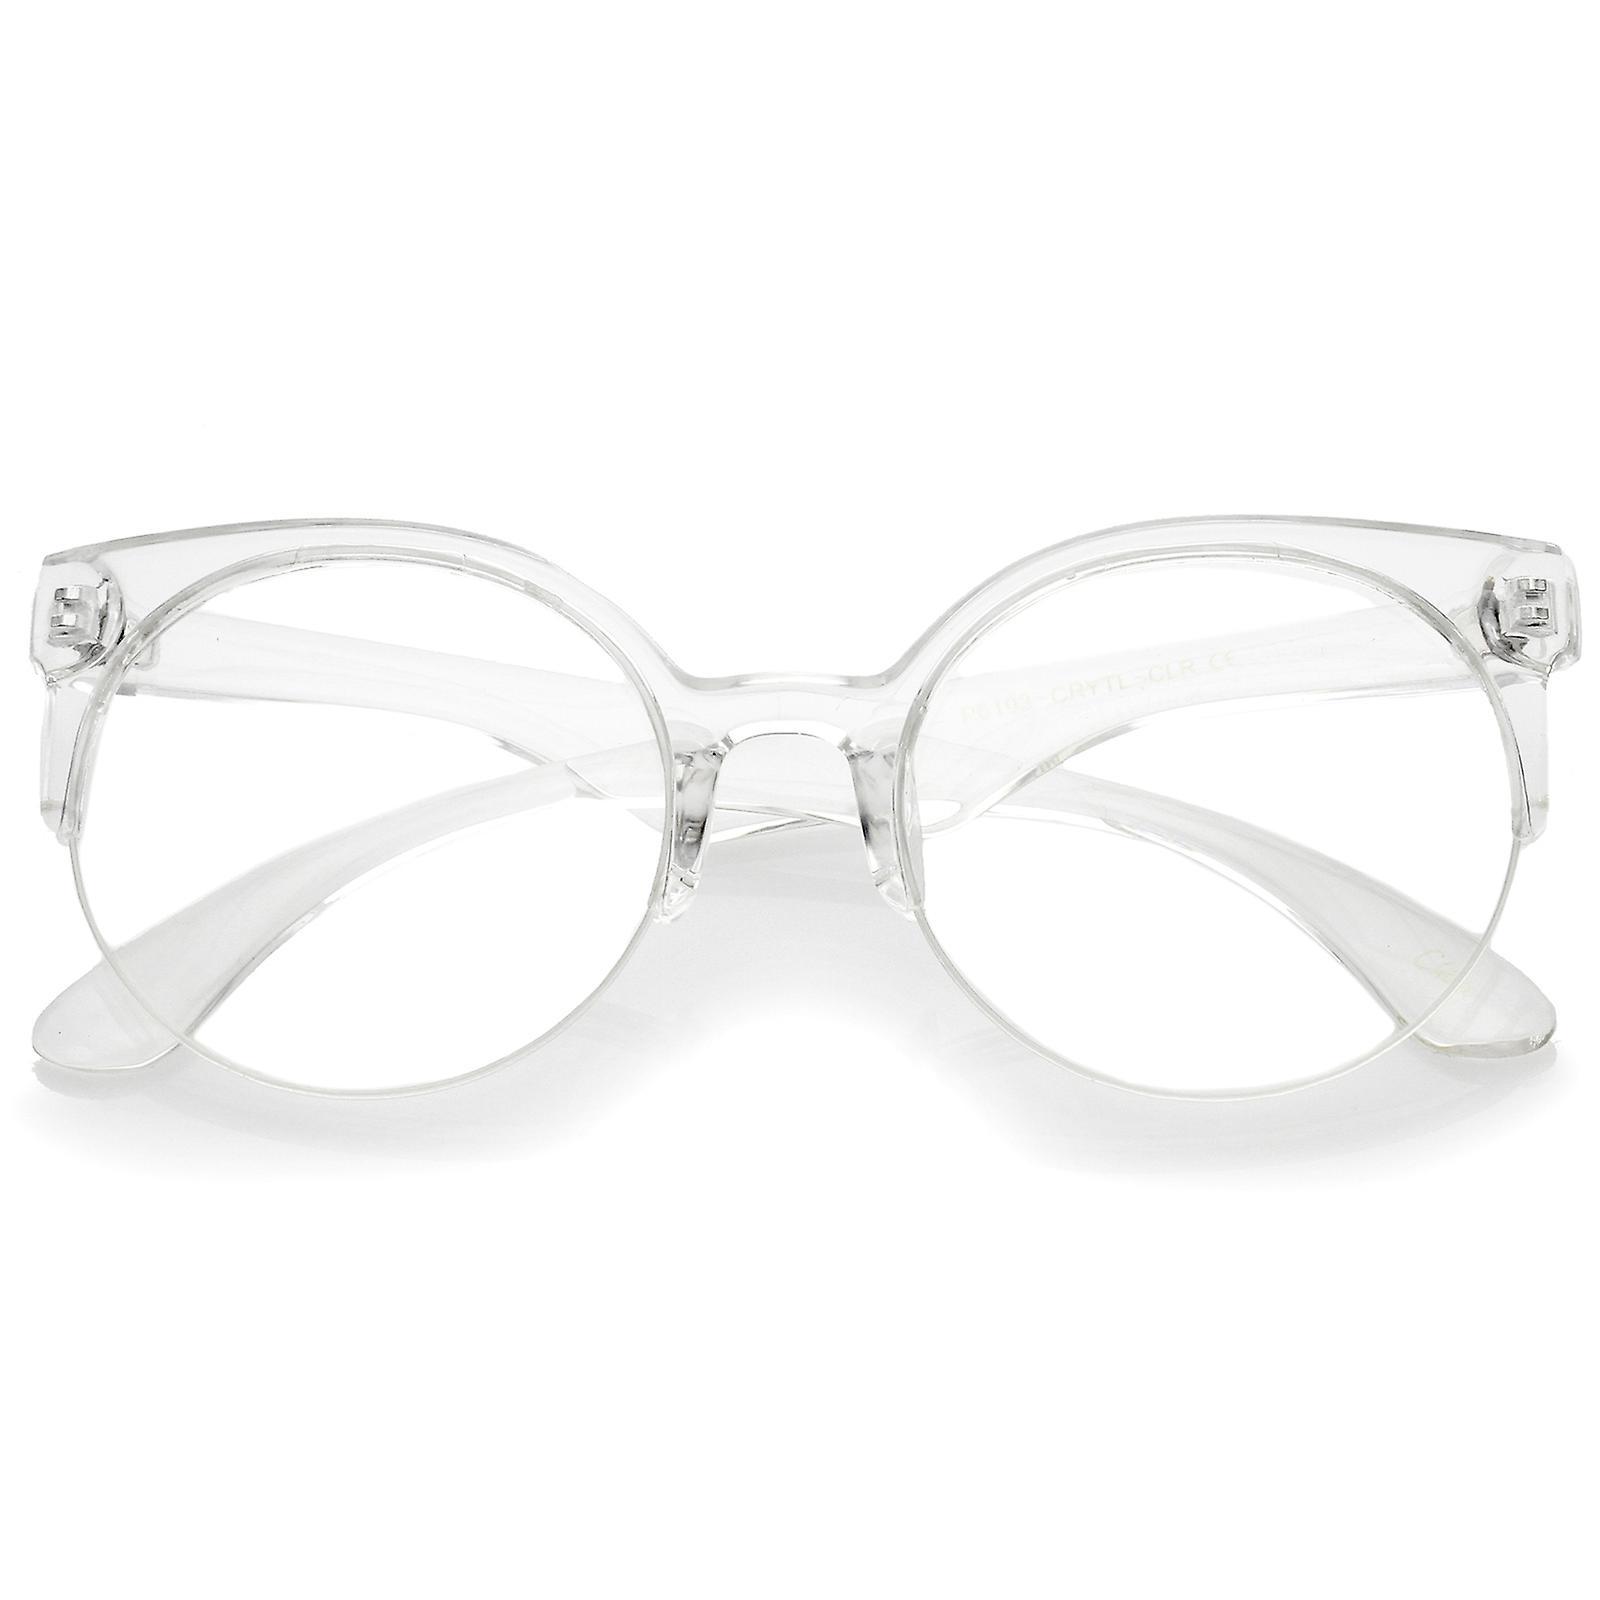 8c97664bcf0a Moderne gennemsigtig ramme runde klar linse semi-uindfattede briller 54 mm